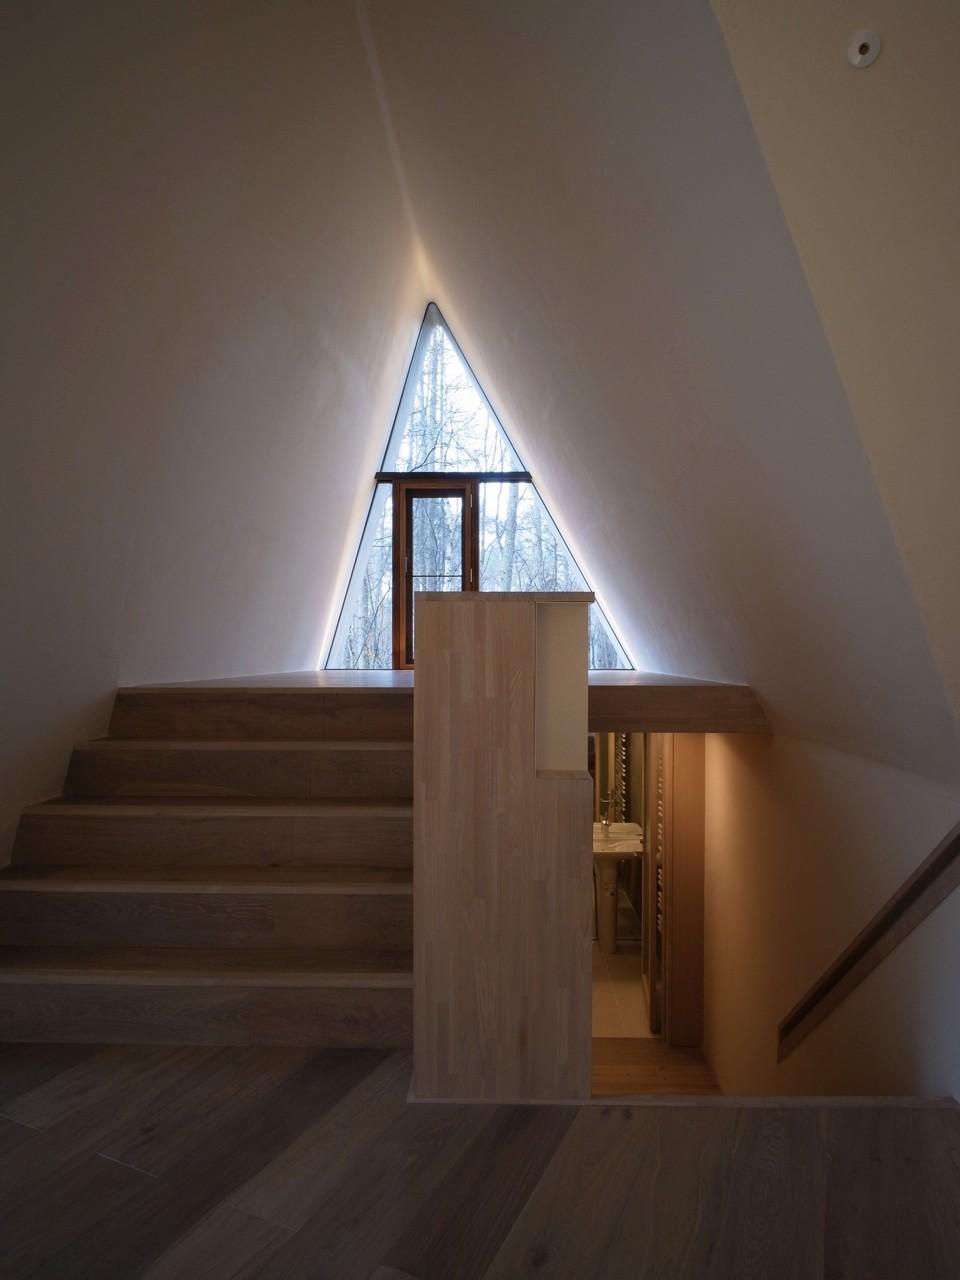 安曇野の山荘 (スキップフロアの階段)